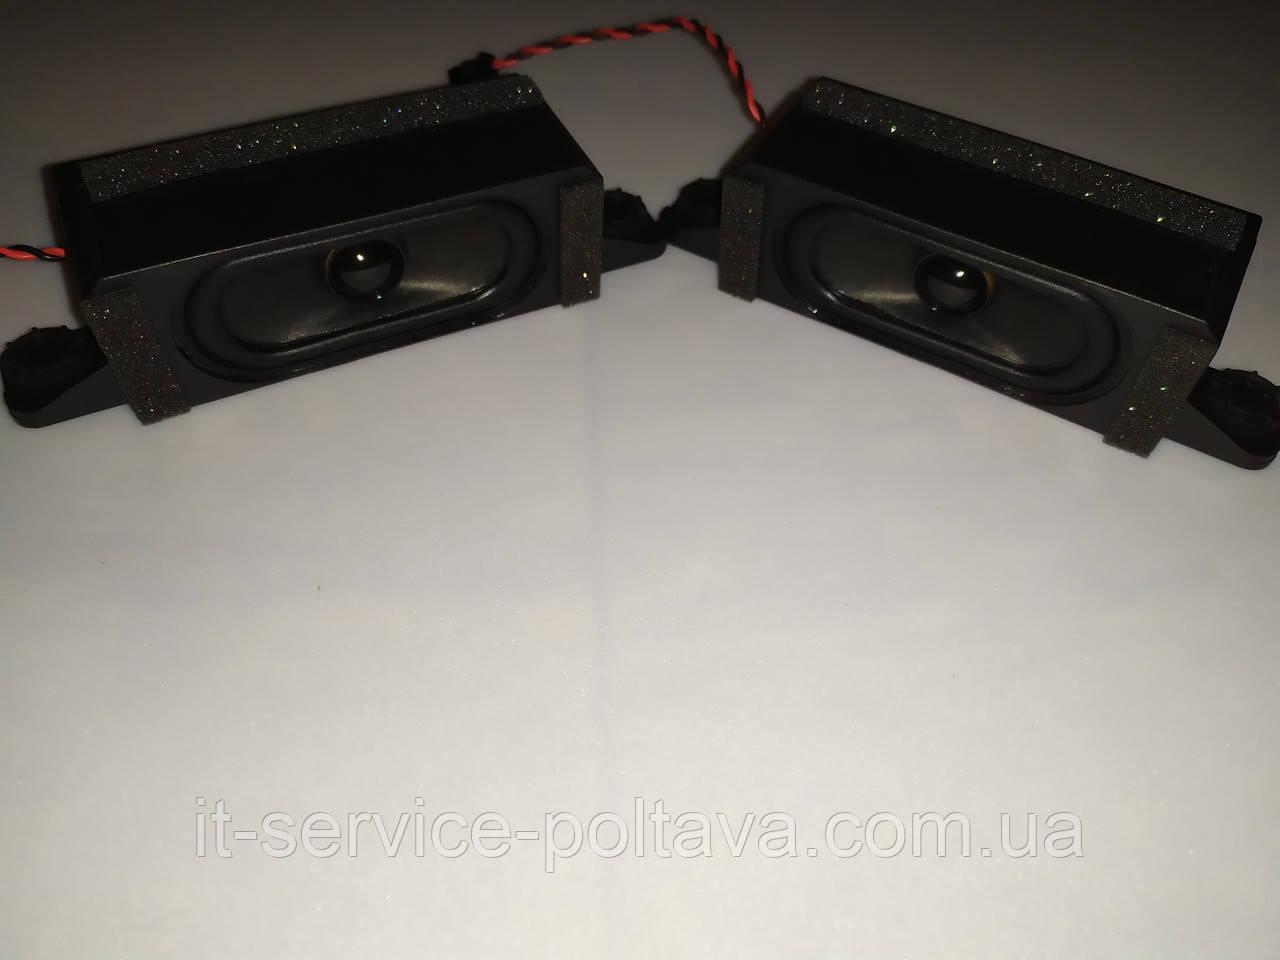 Динаміки 378G0110452YAA для телевізора Philips